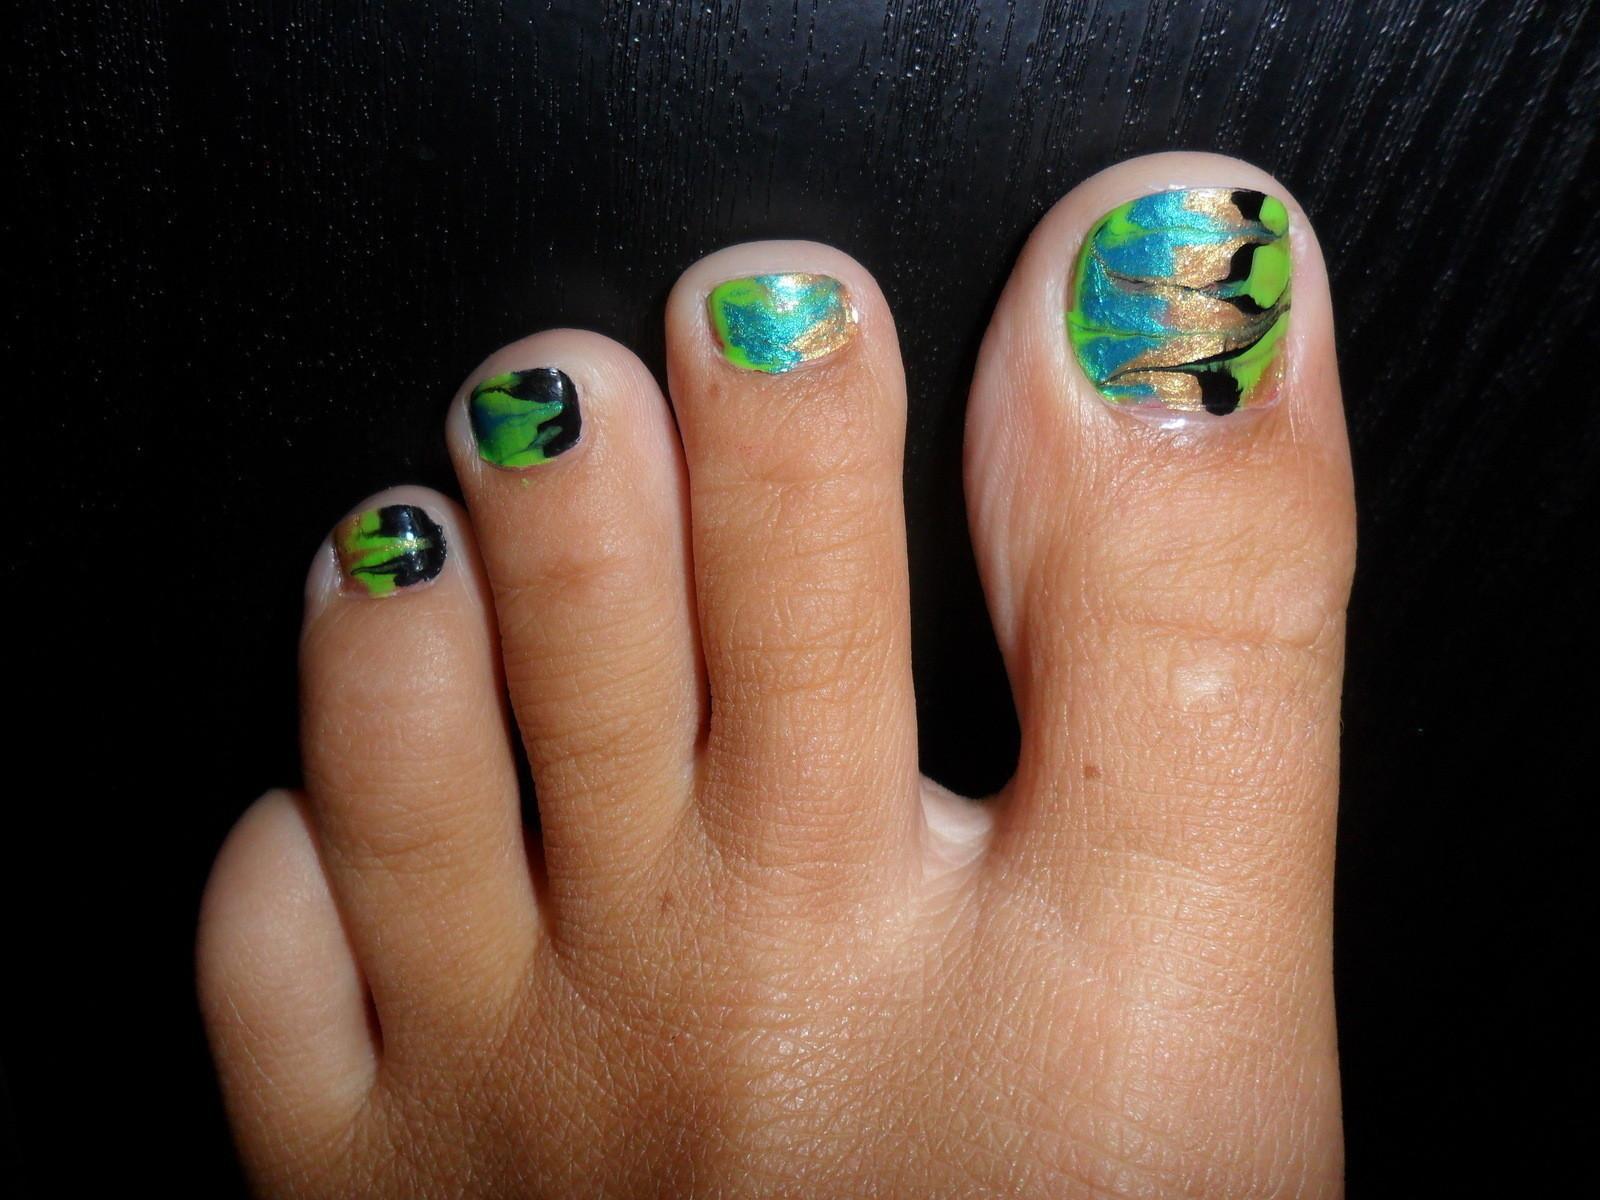 Summer Swirl Toe Nails Patterned Nail Art Nail